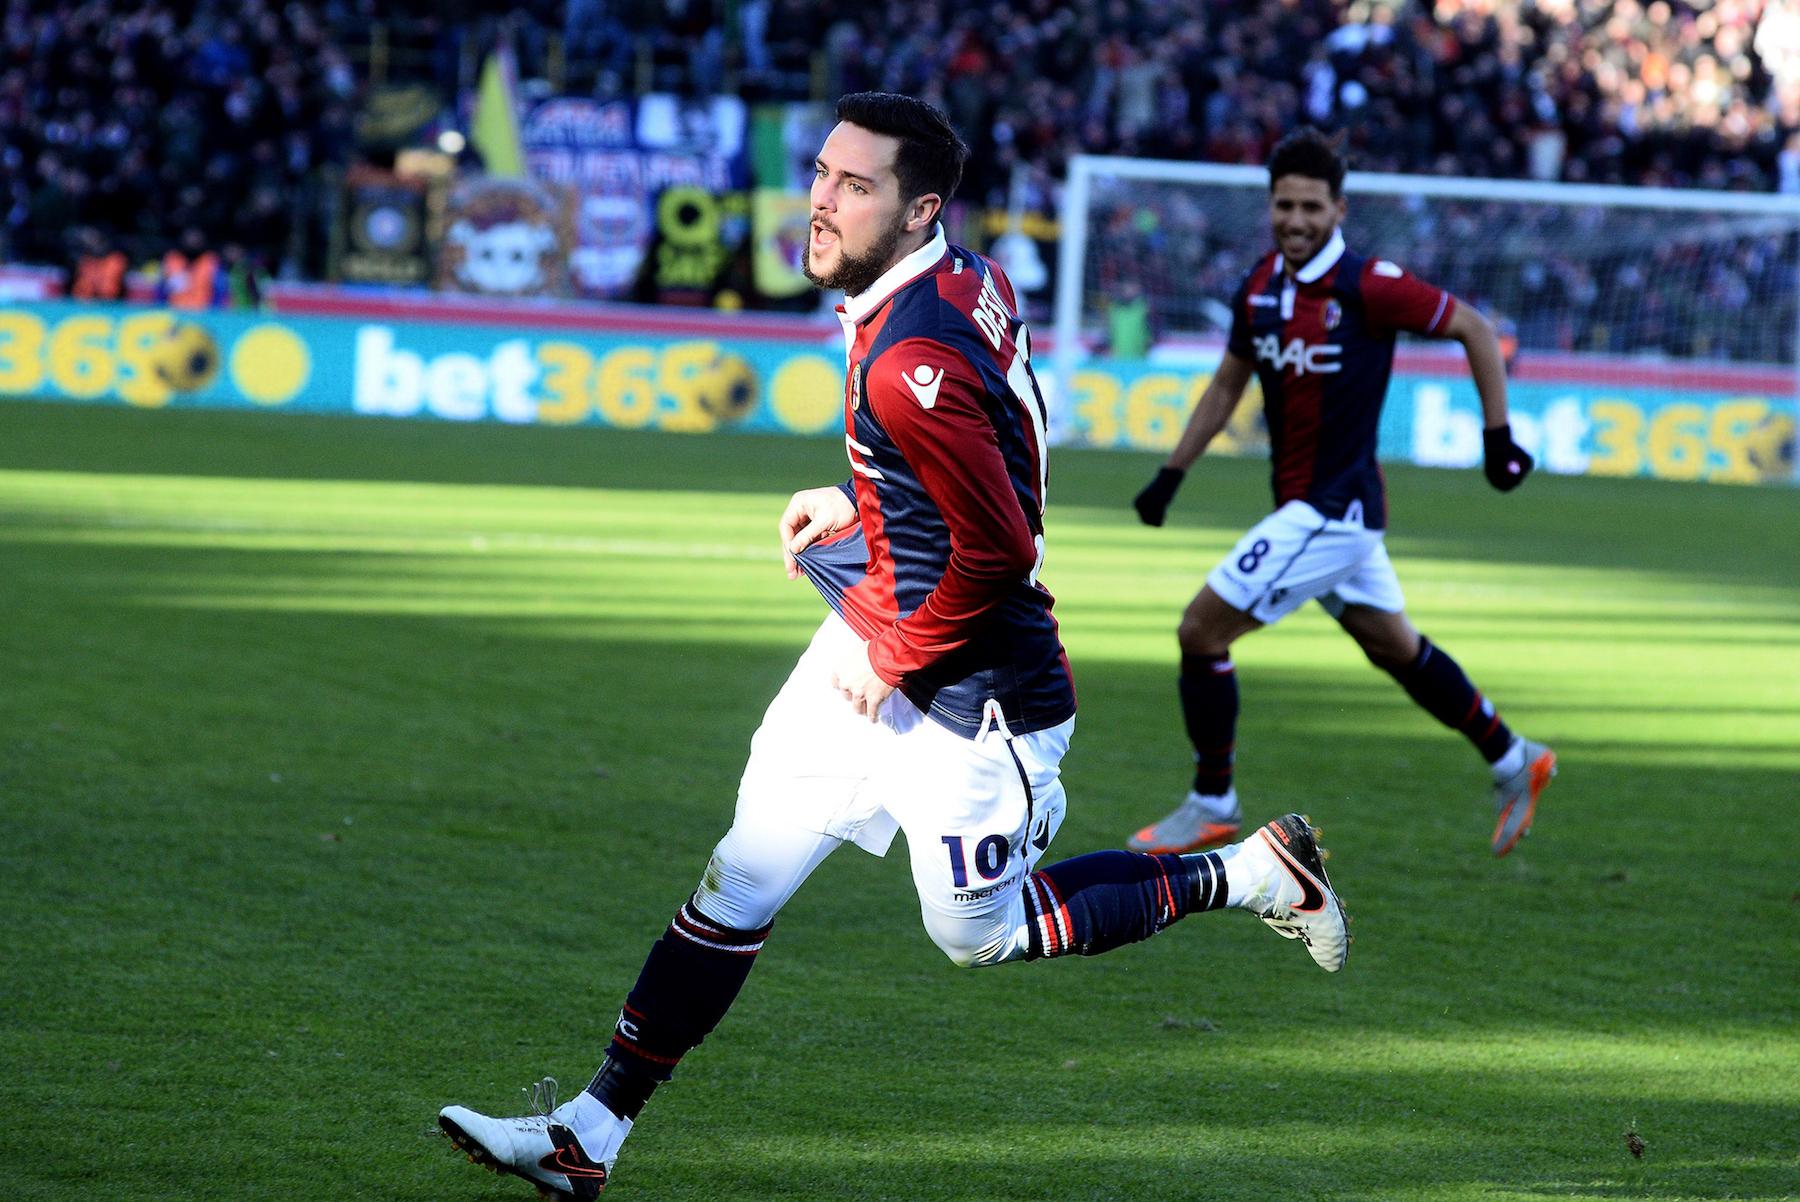 Mattia Destro, 7 gol quest'anno con la maglia del Bologna, tutti nelle 13 partite con Donadoni